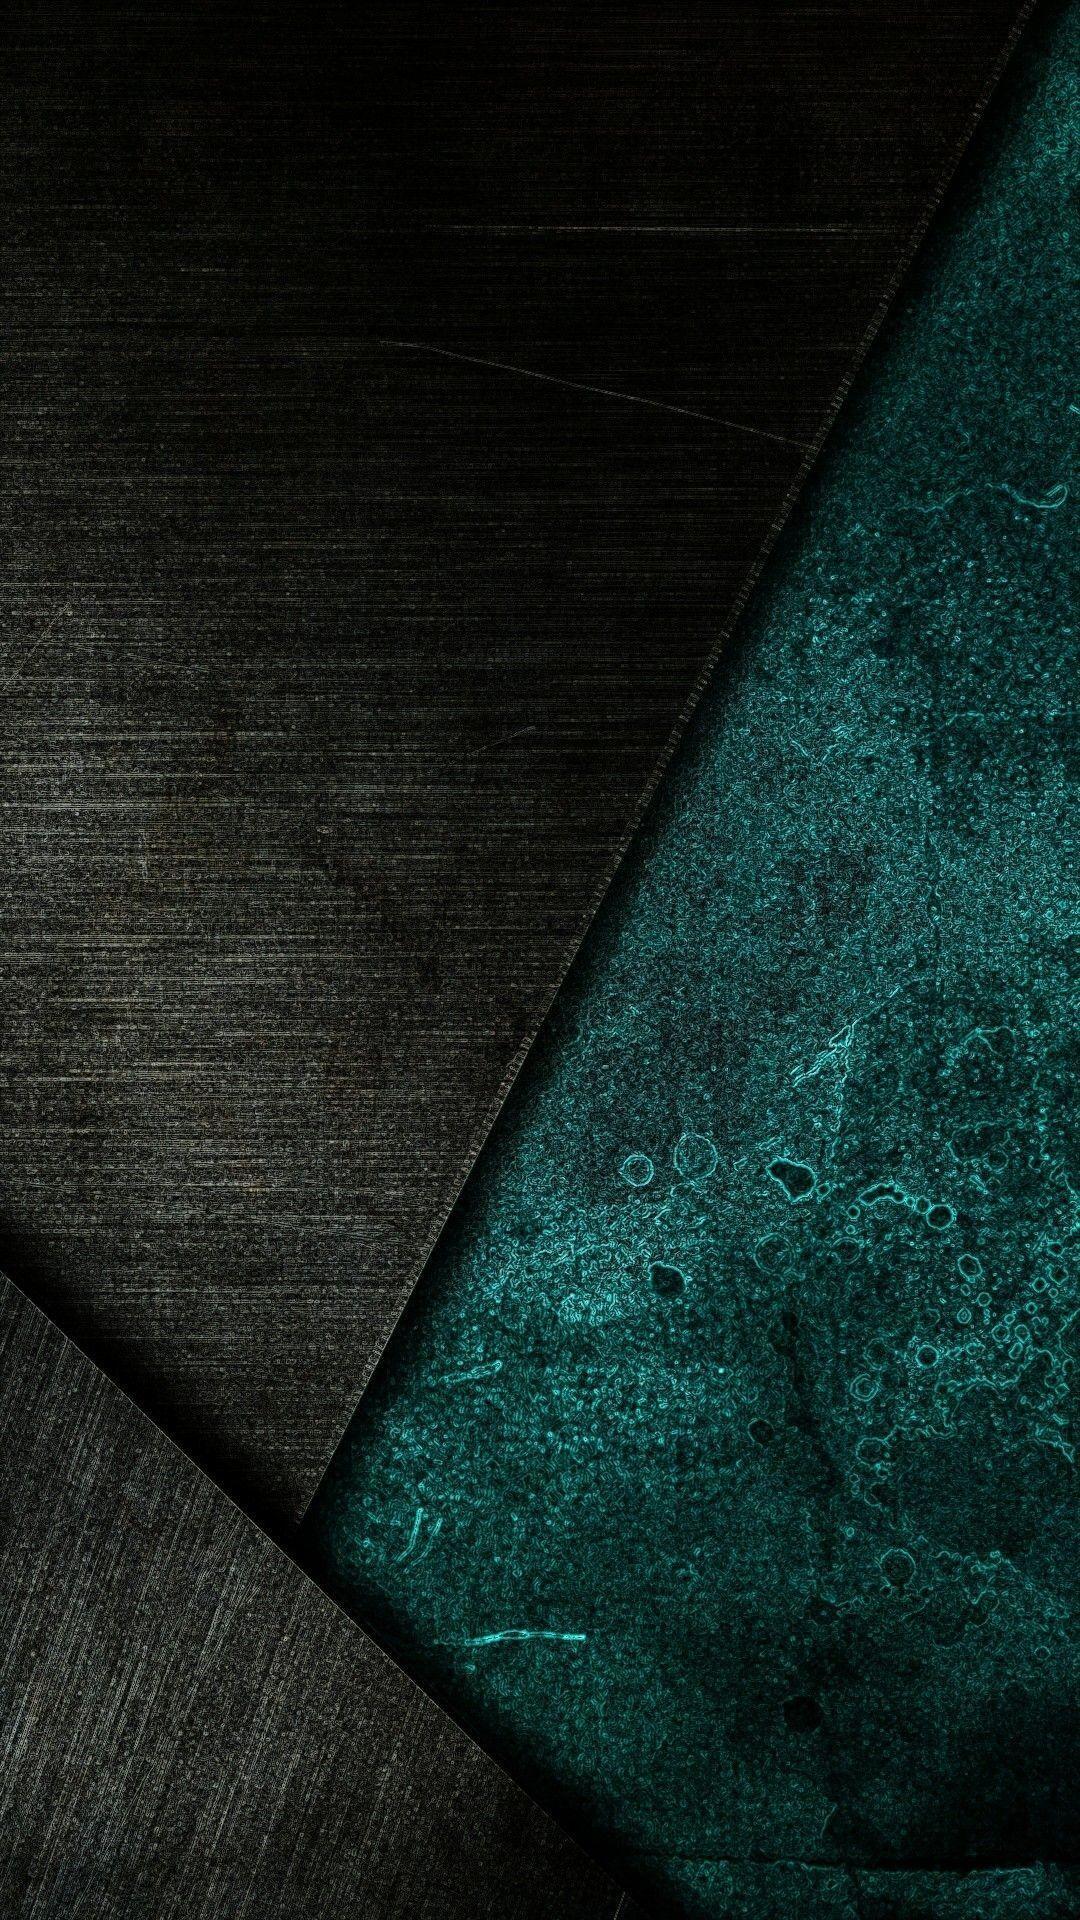 Black Carpet Mobile Wallpapers Wallpaper Cave